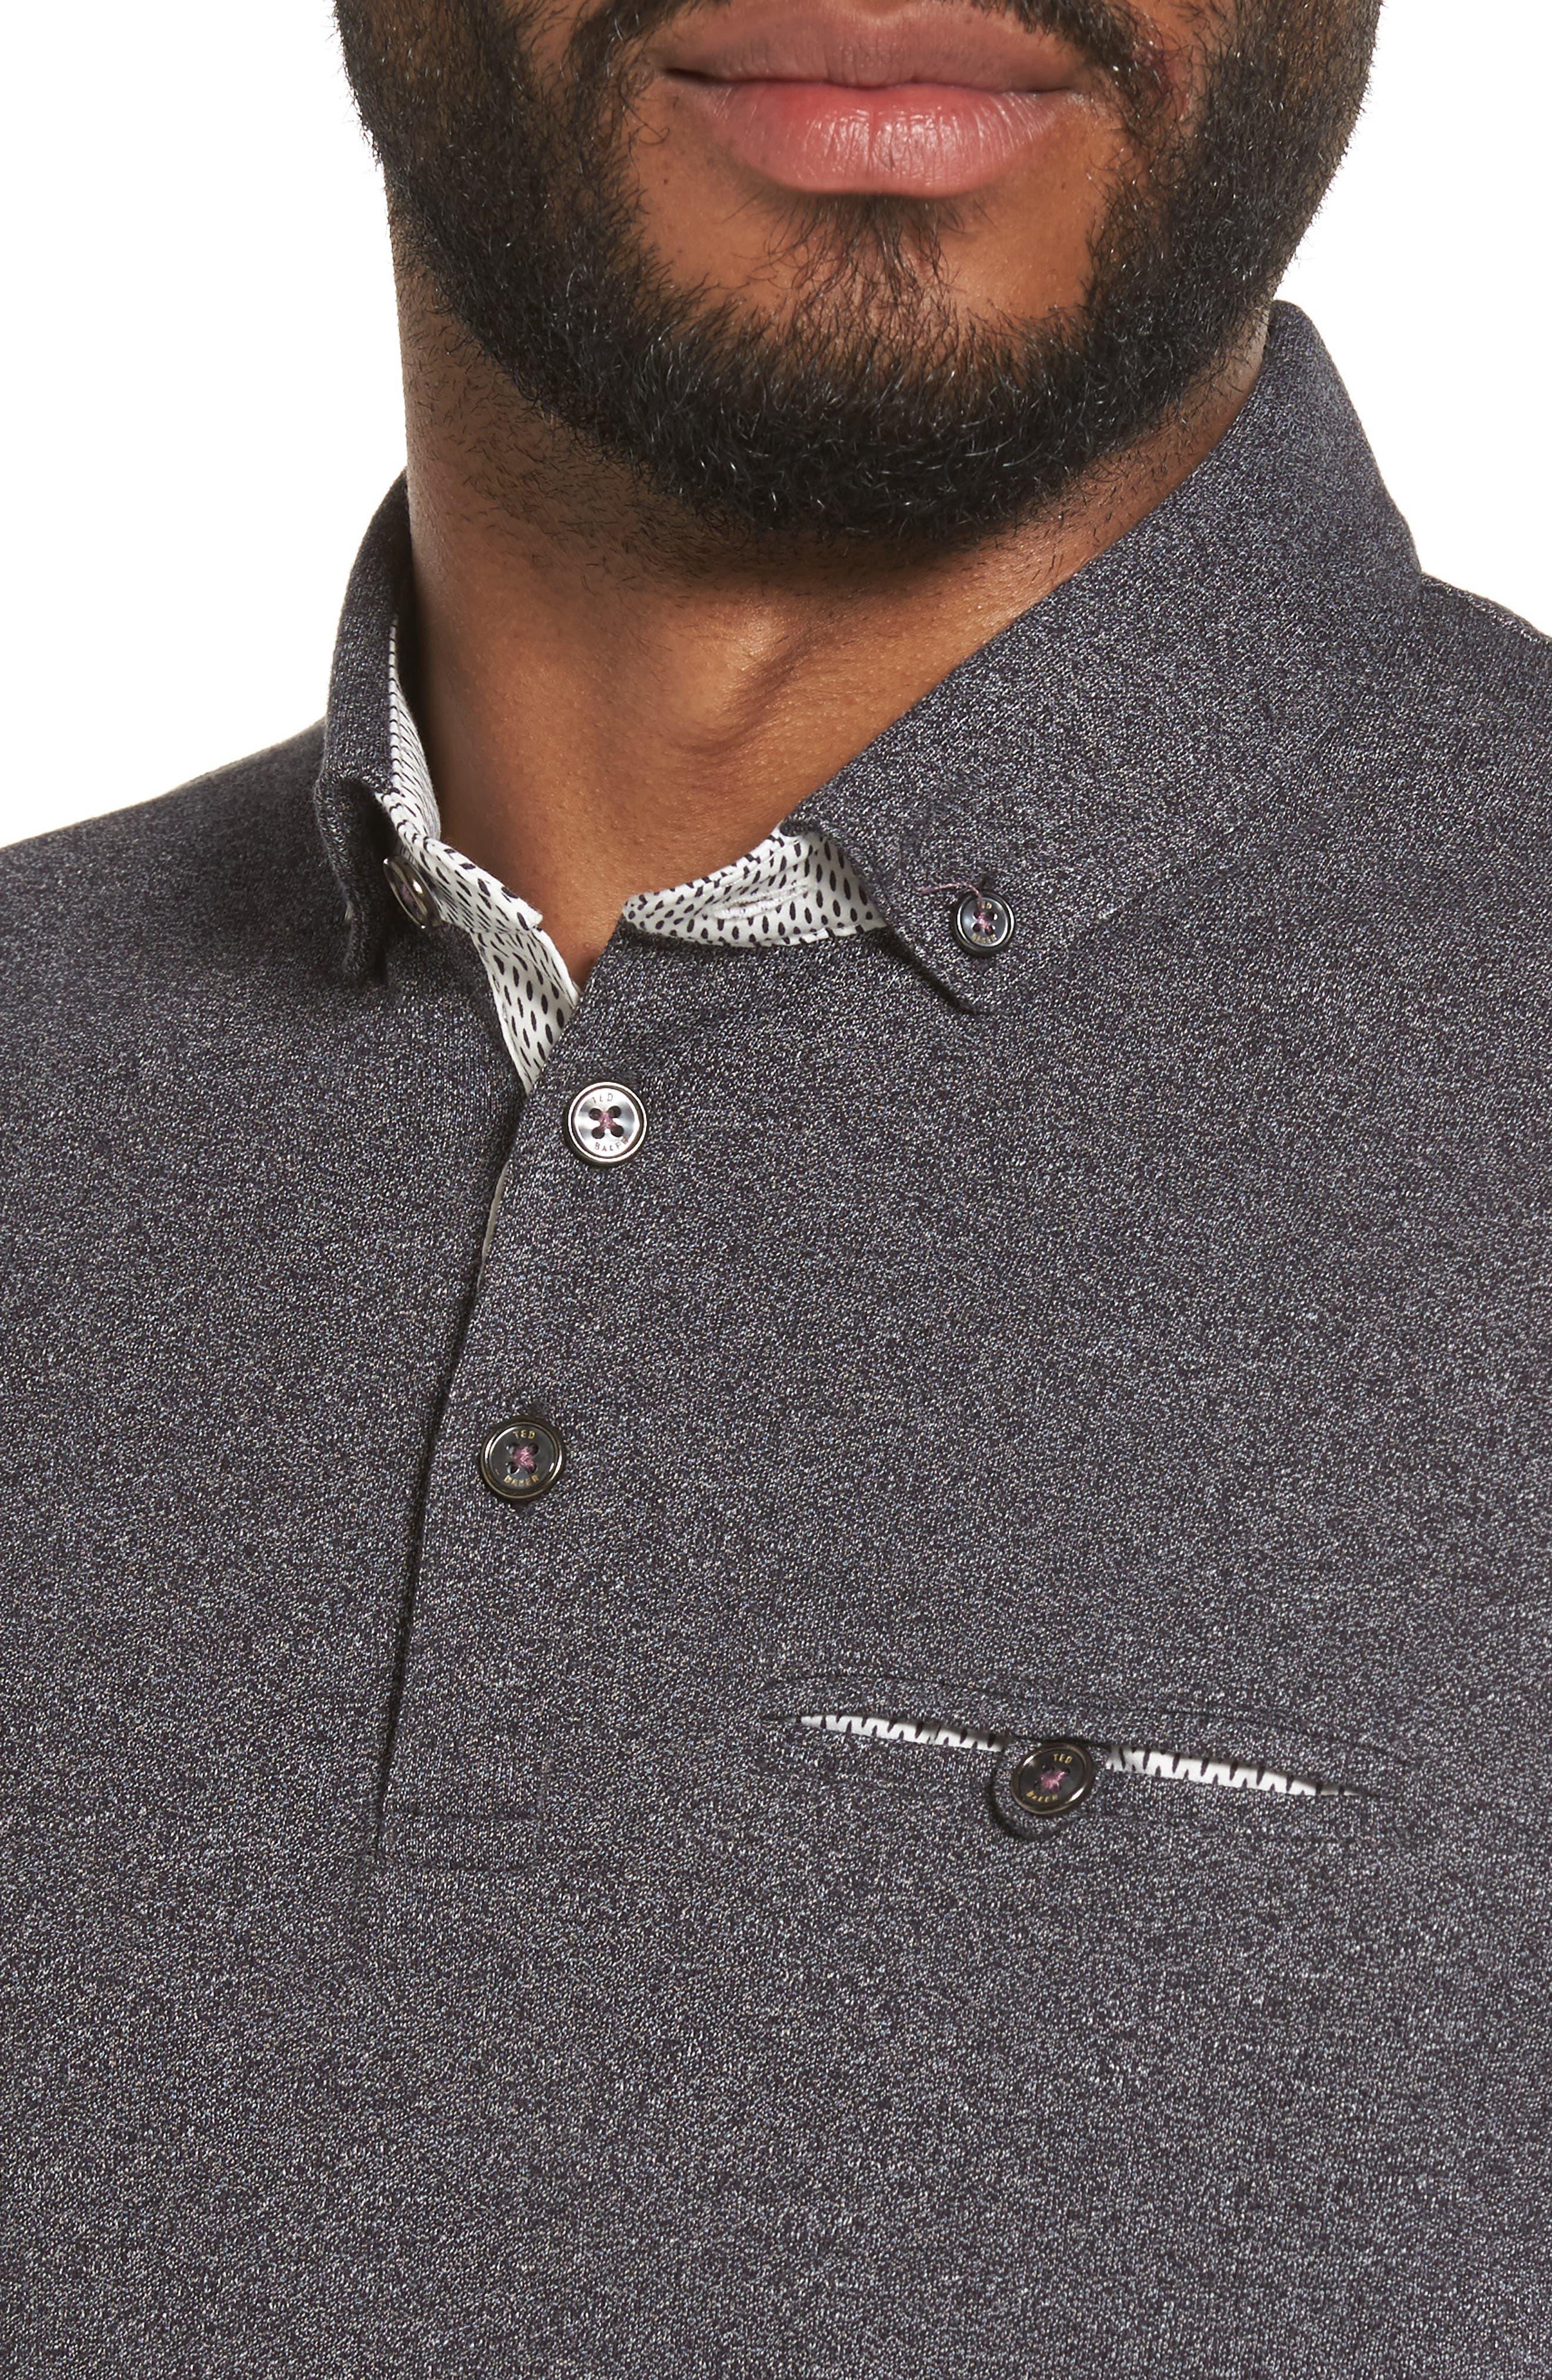 Frankiy Button Collar Polo,                             Alternate thumbnail 4, color,                             001